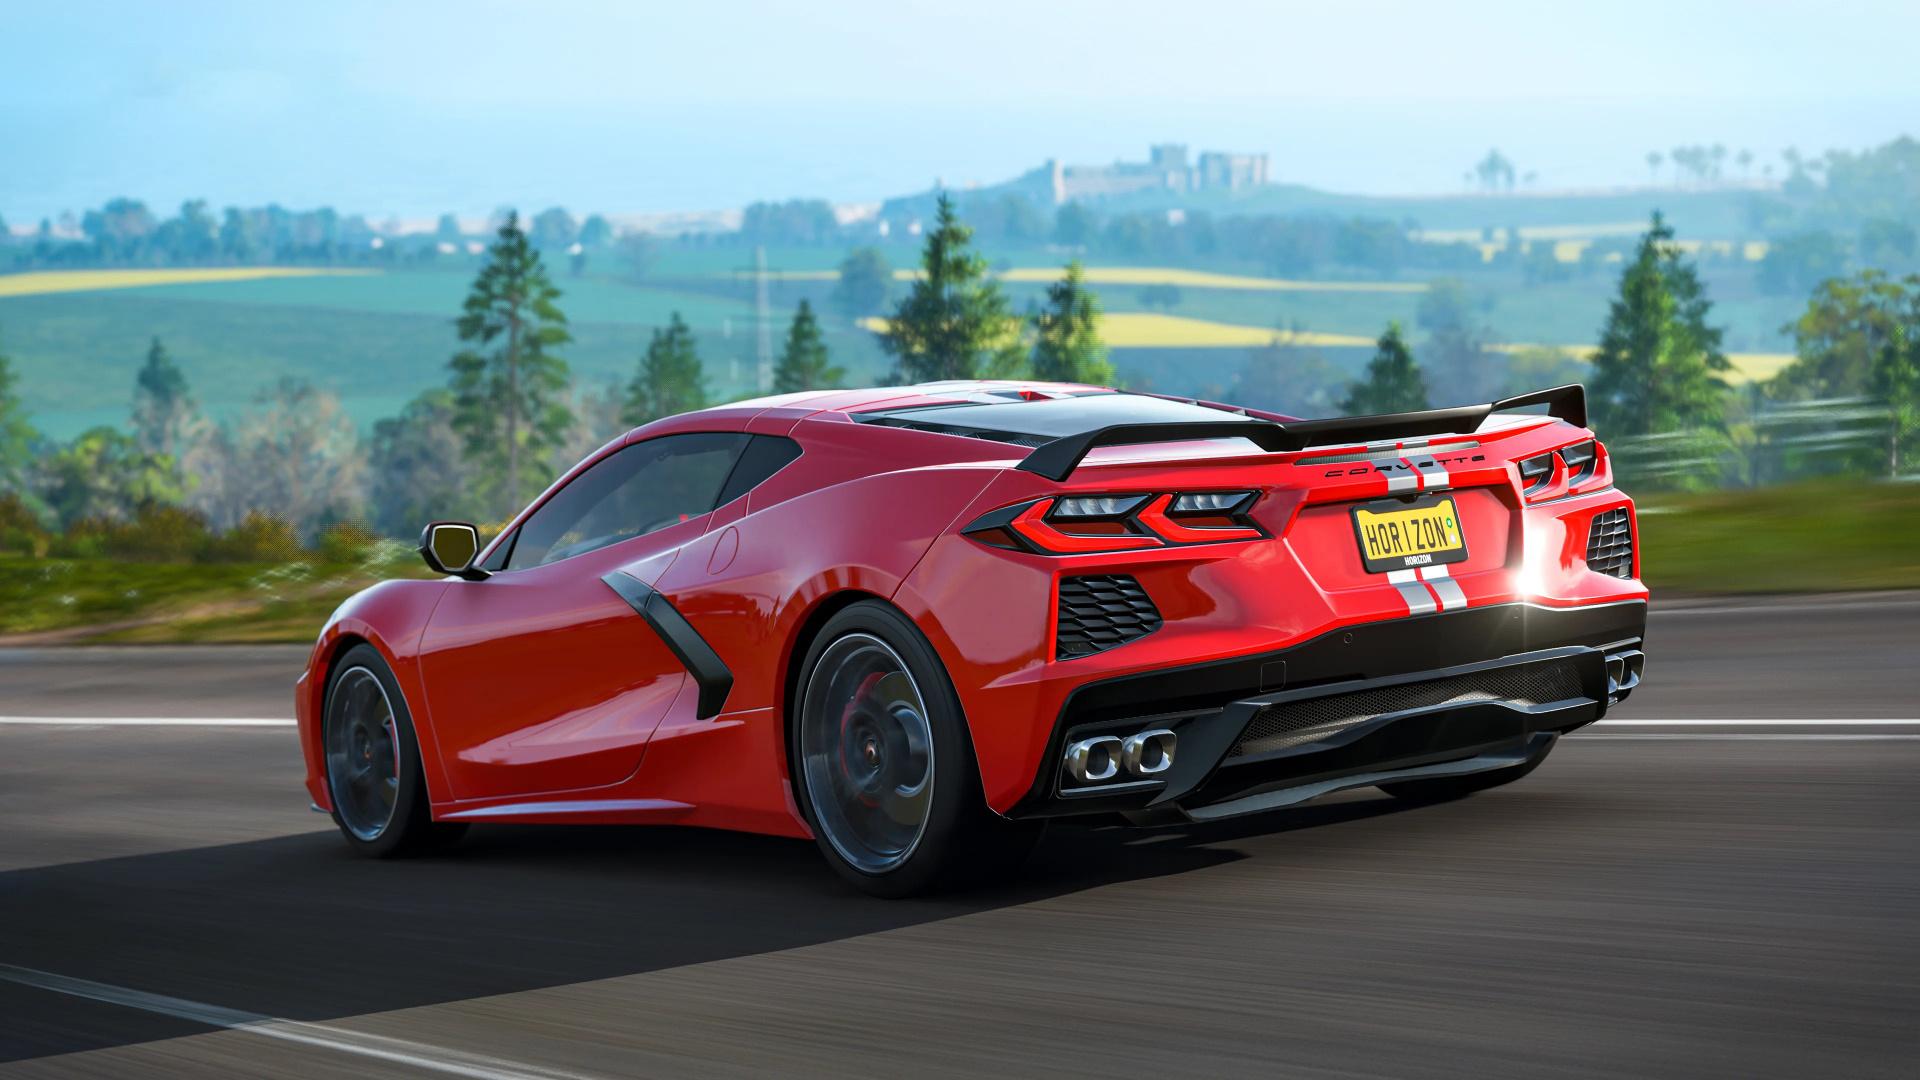 В Forza Horizon4 добавят три новых автомобиля, включая Corvette C8